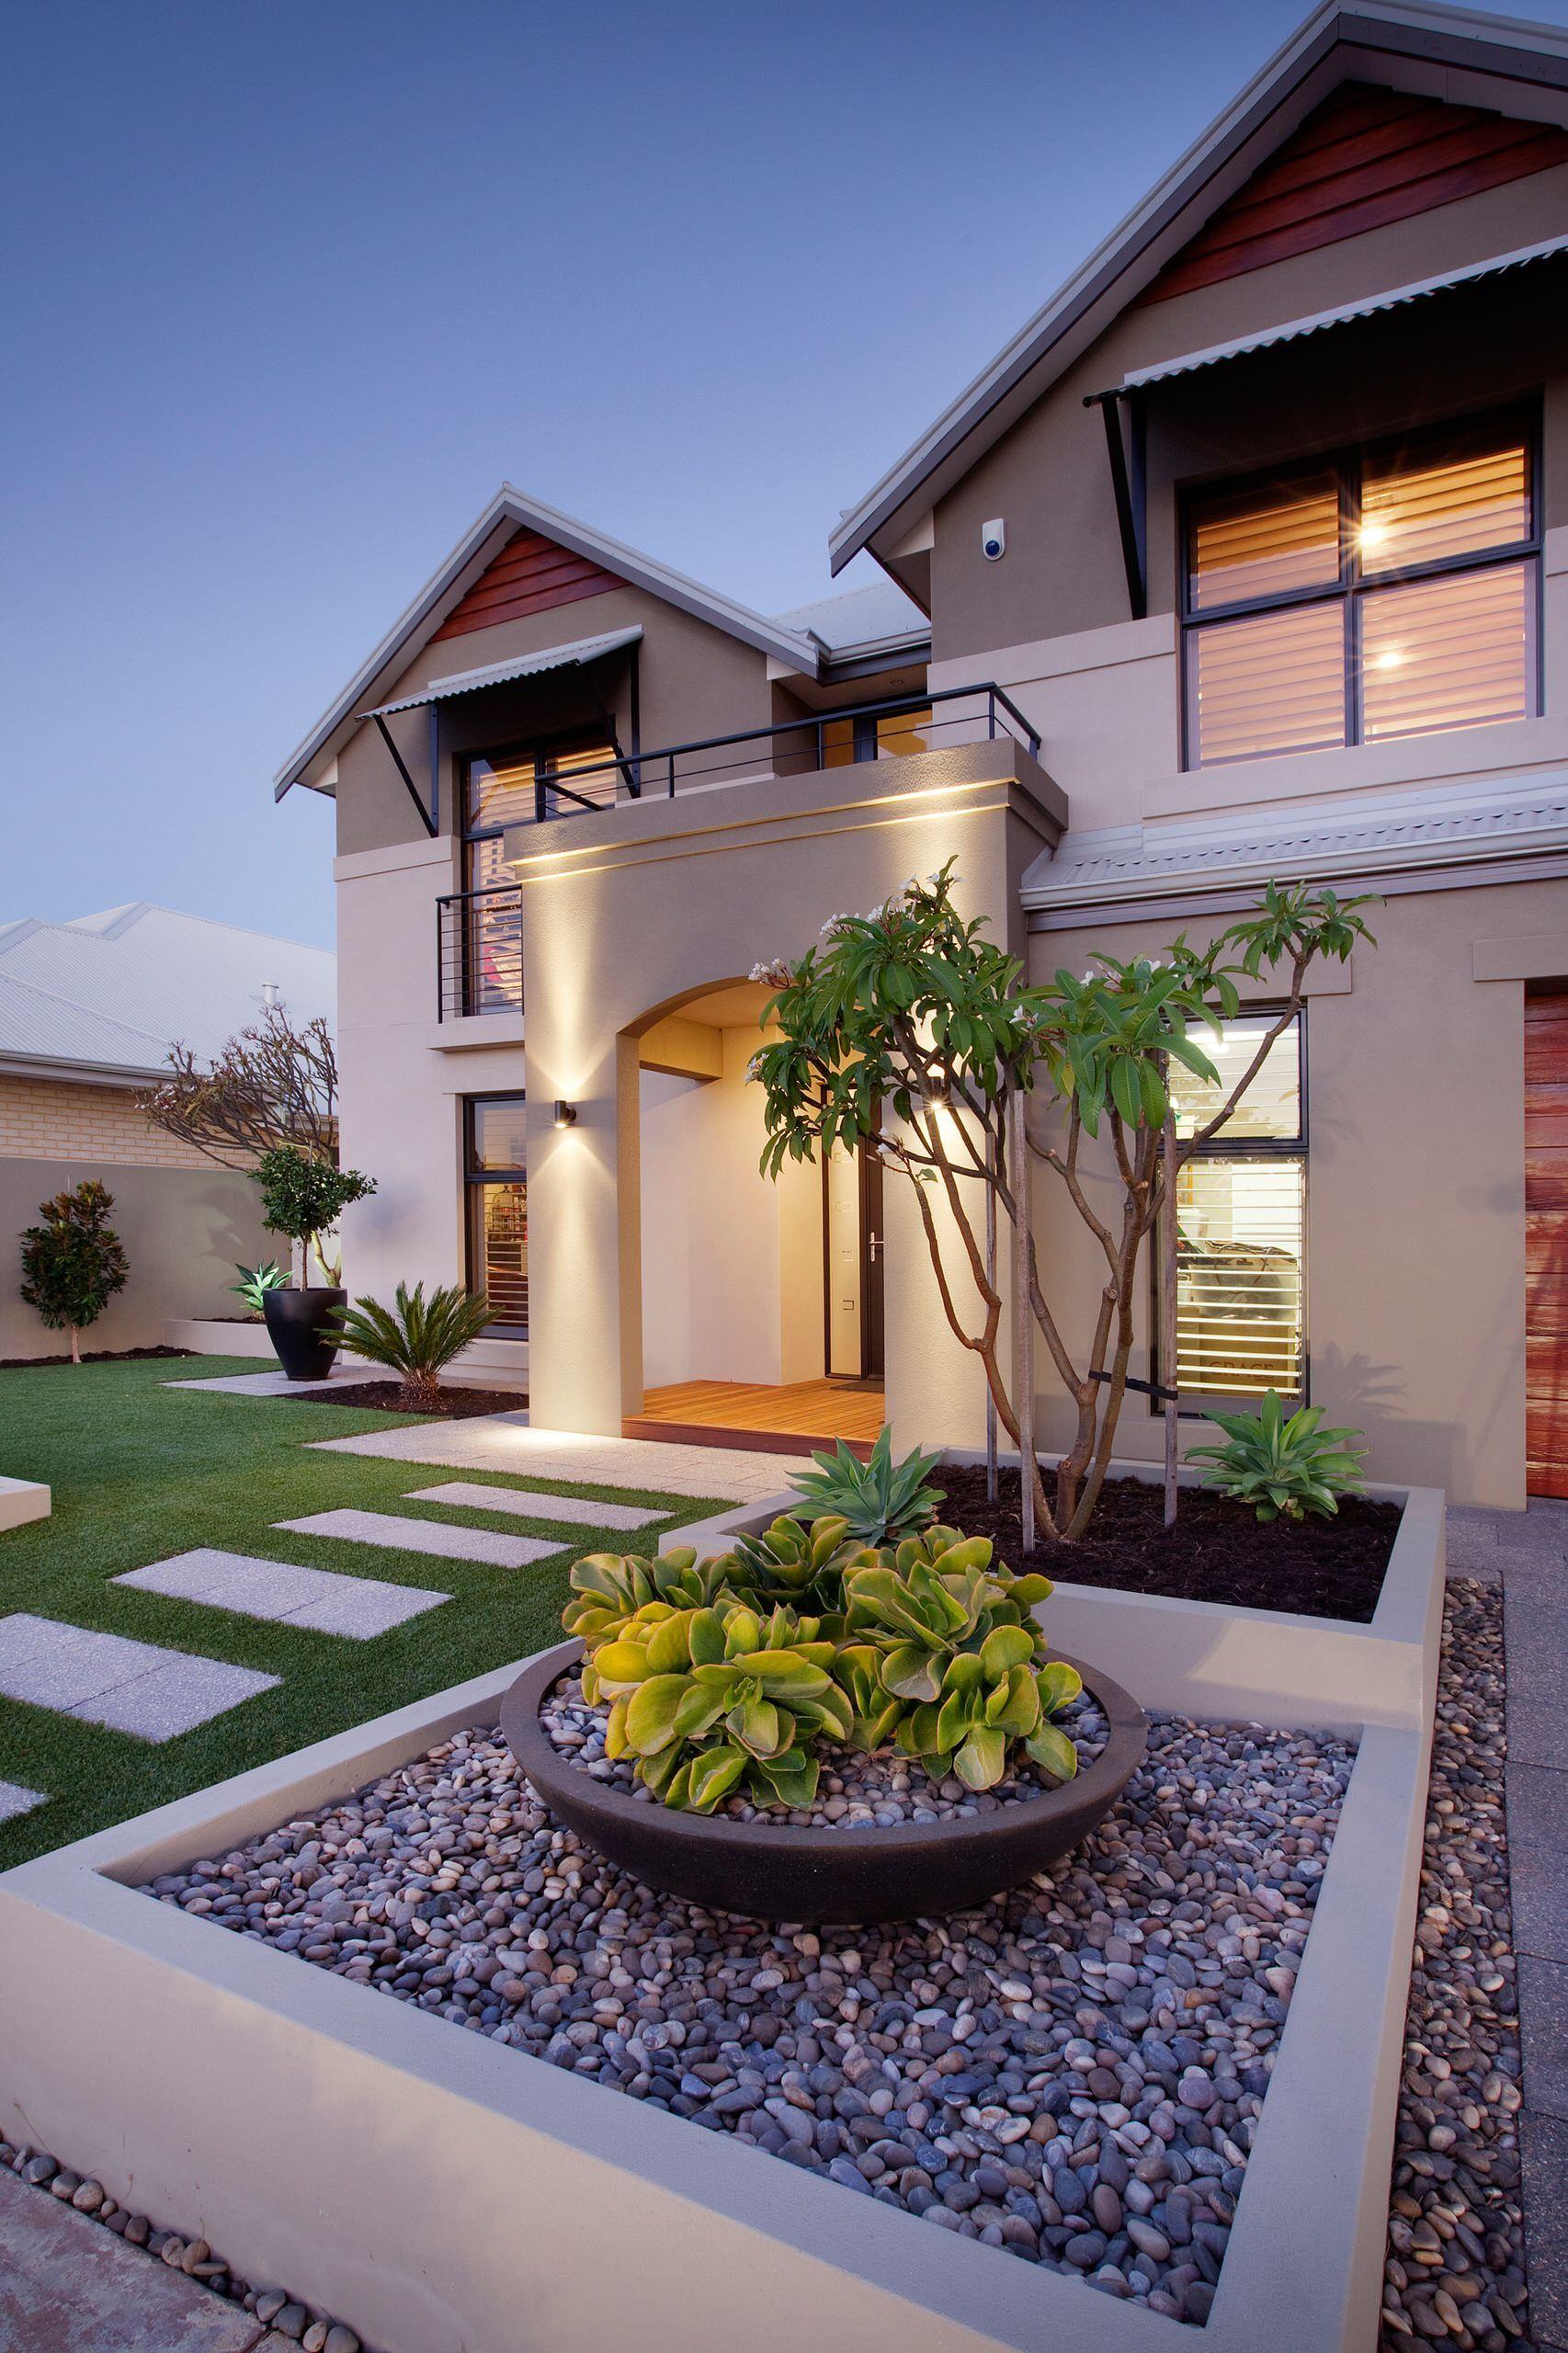 38 Eye Catching Landscaping Ideas Home Awakening Modern Front Yard Yard Design Front Yard Design House front yard landscaping ideas